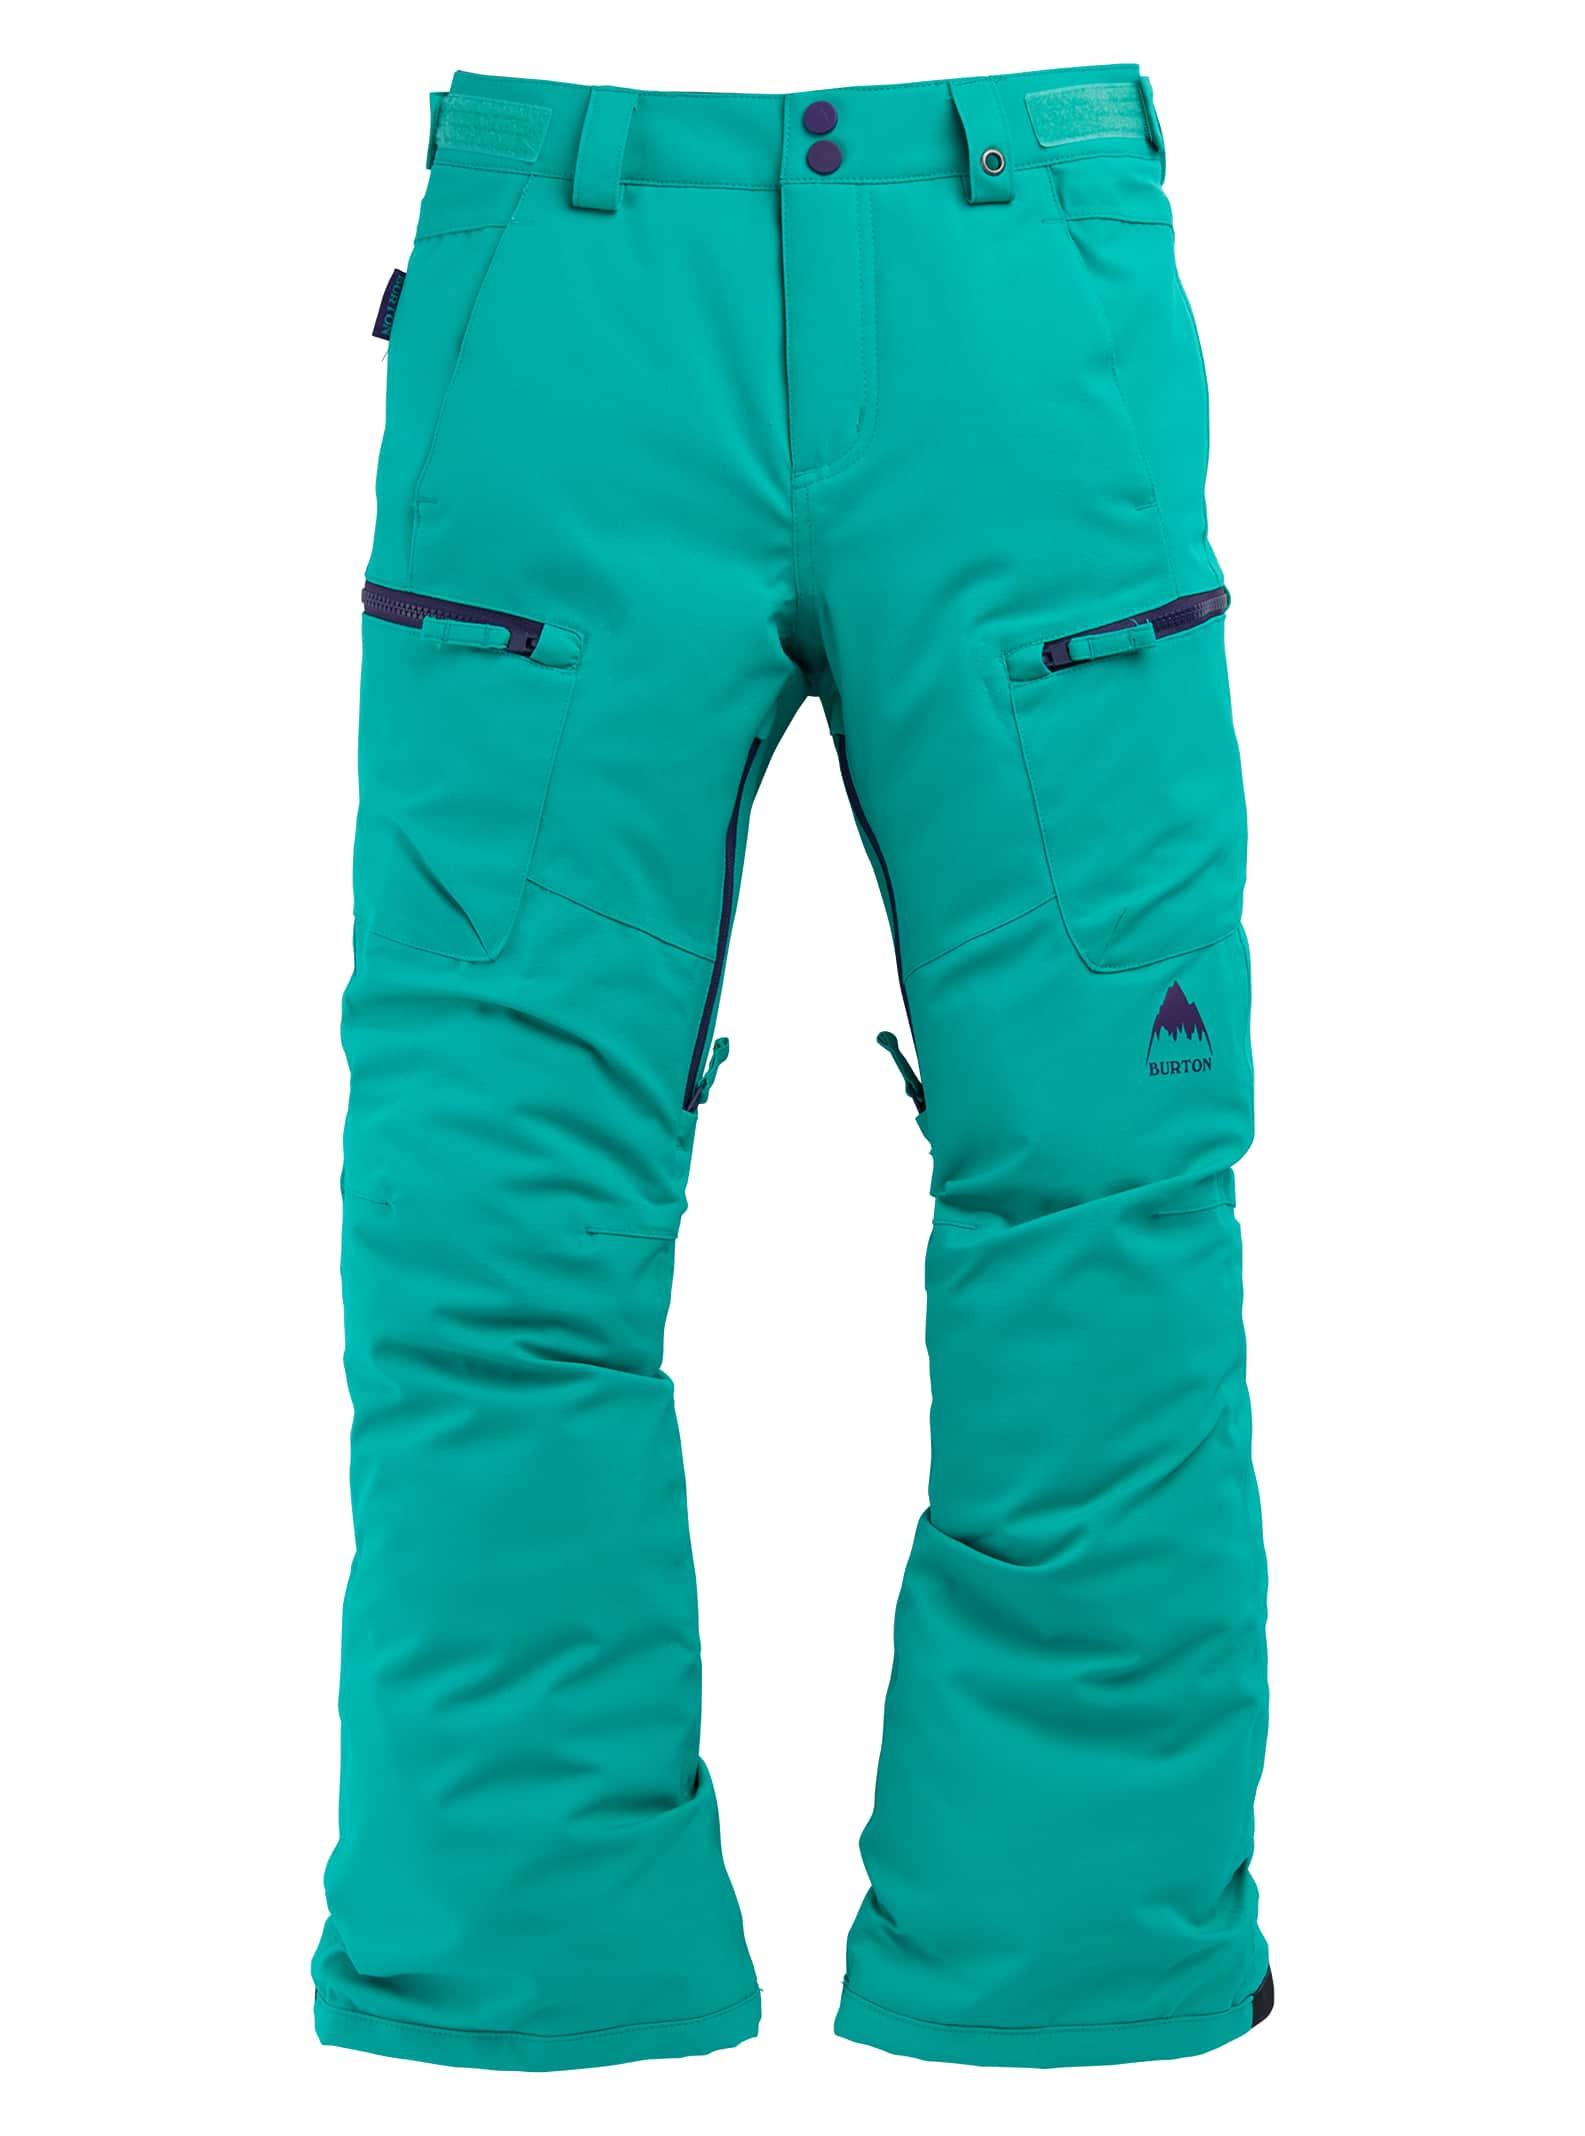 Burton Elite Cargo Pantaloni da Snowboard Bambina